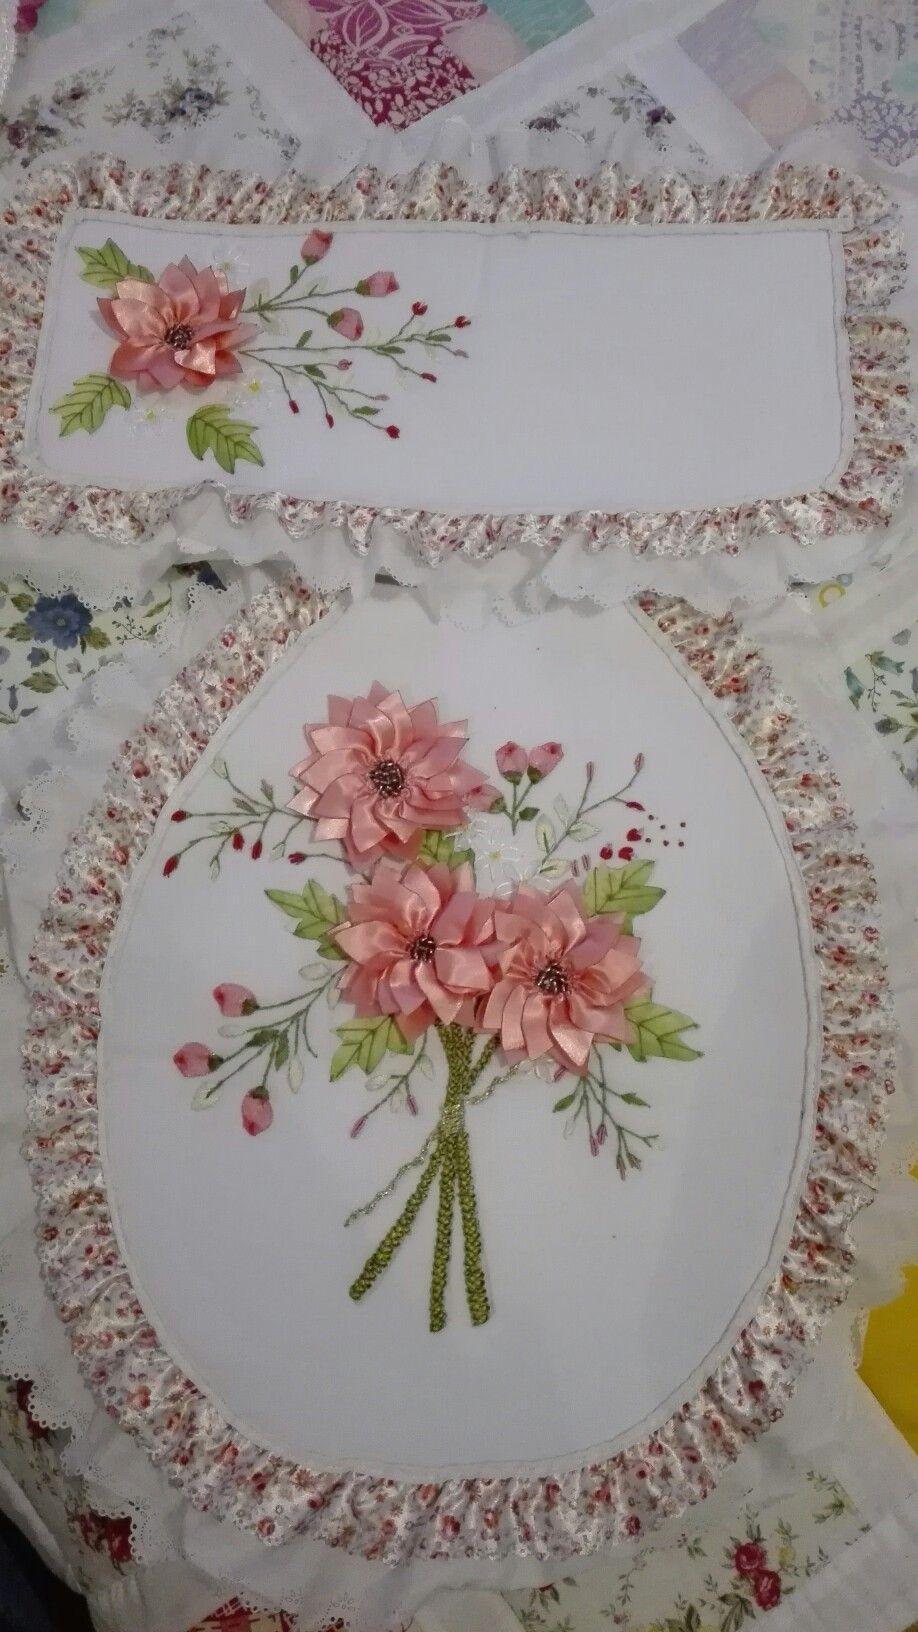 Juego De Bano Bordado En Cintaa Silk Ribbon Embroidery